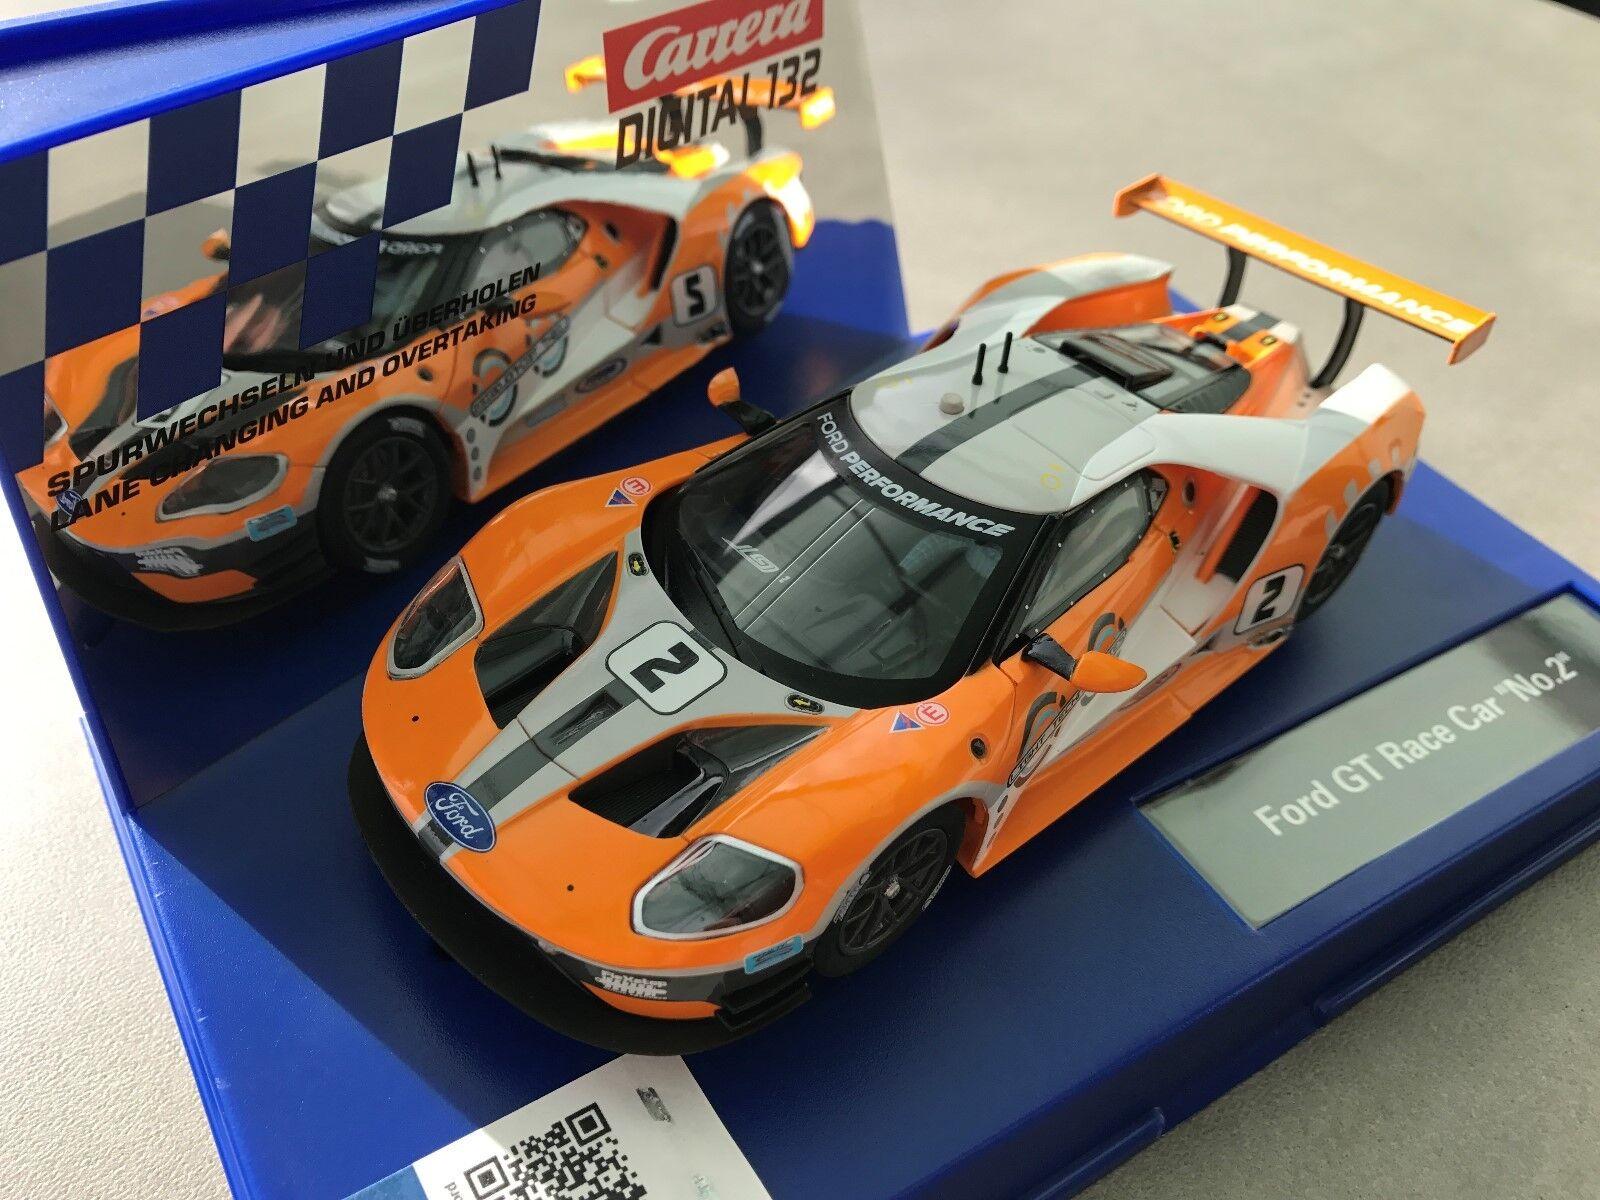 fino al 50% di sconto autorera autorera autorera Digital 132 30786 Ford Gt Race auto   No. 2   Nuovo Conf. Orig.  edizione limitata